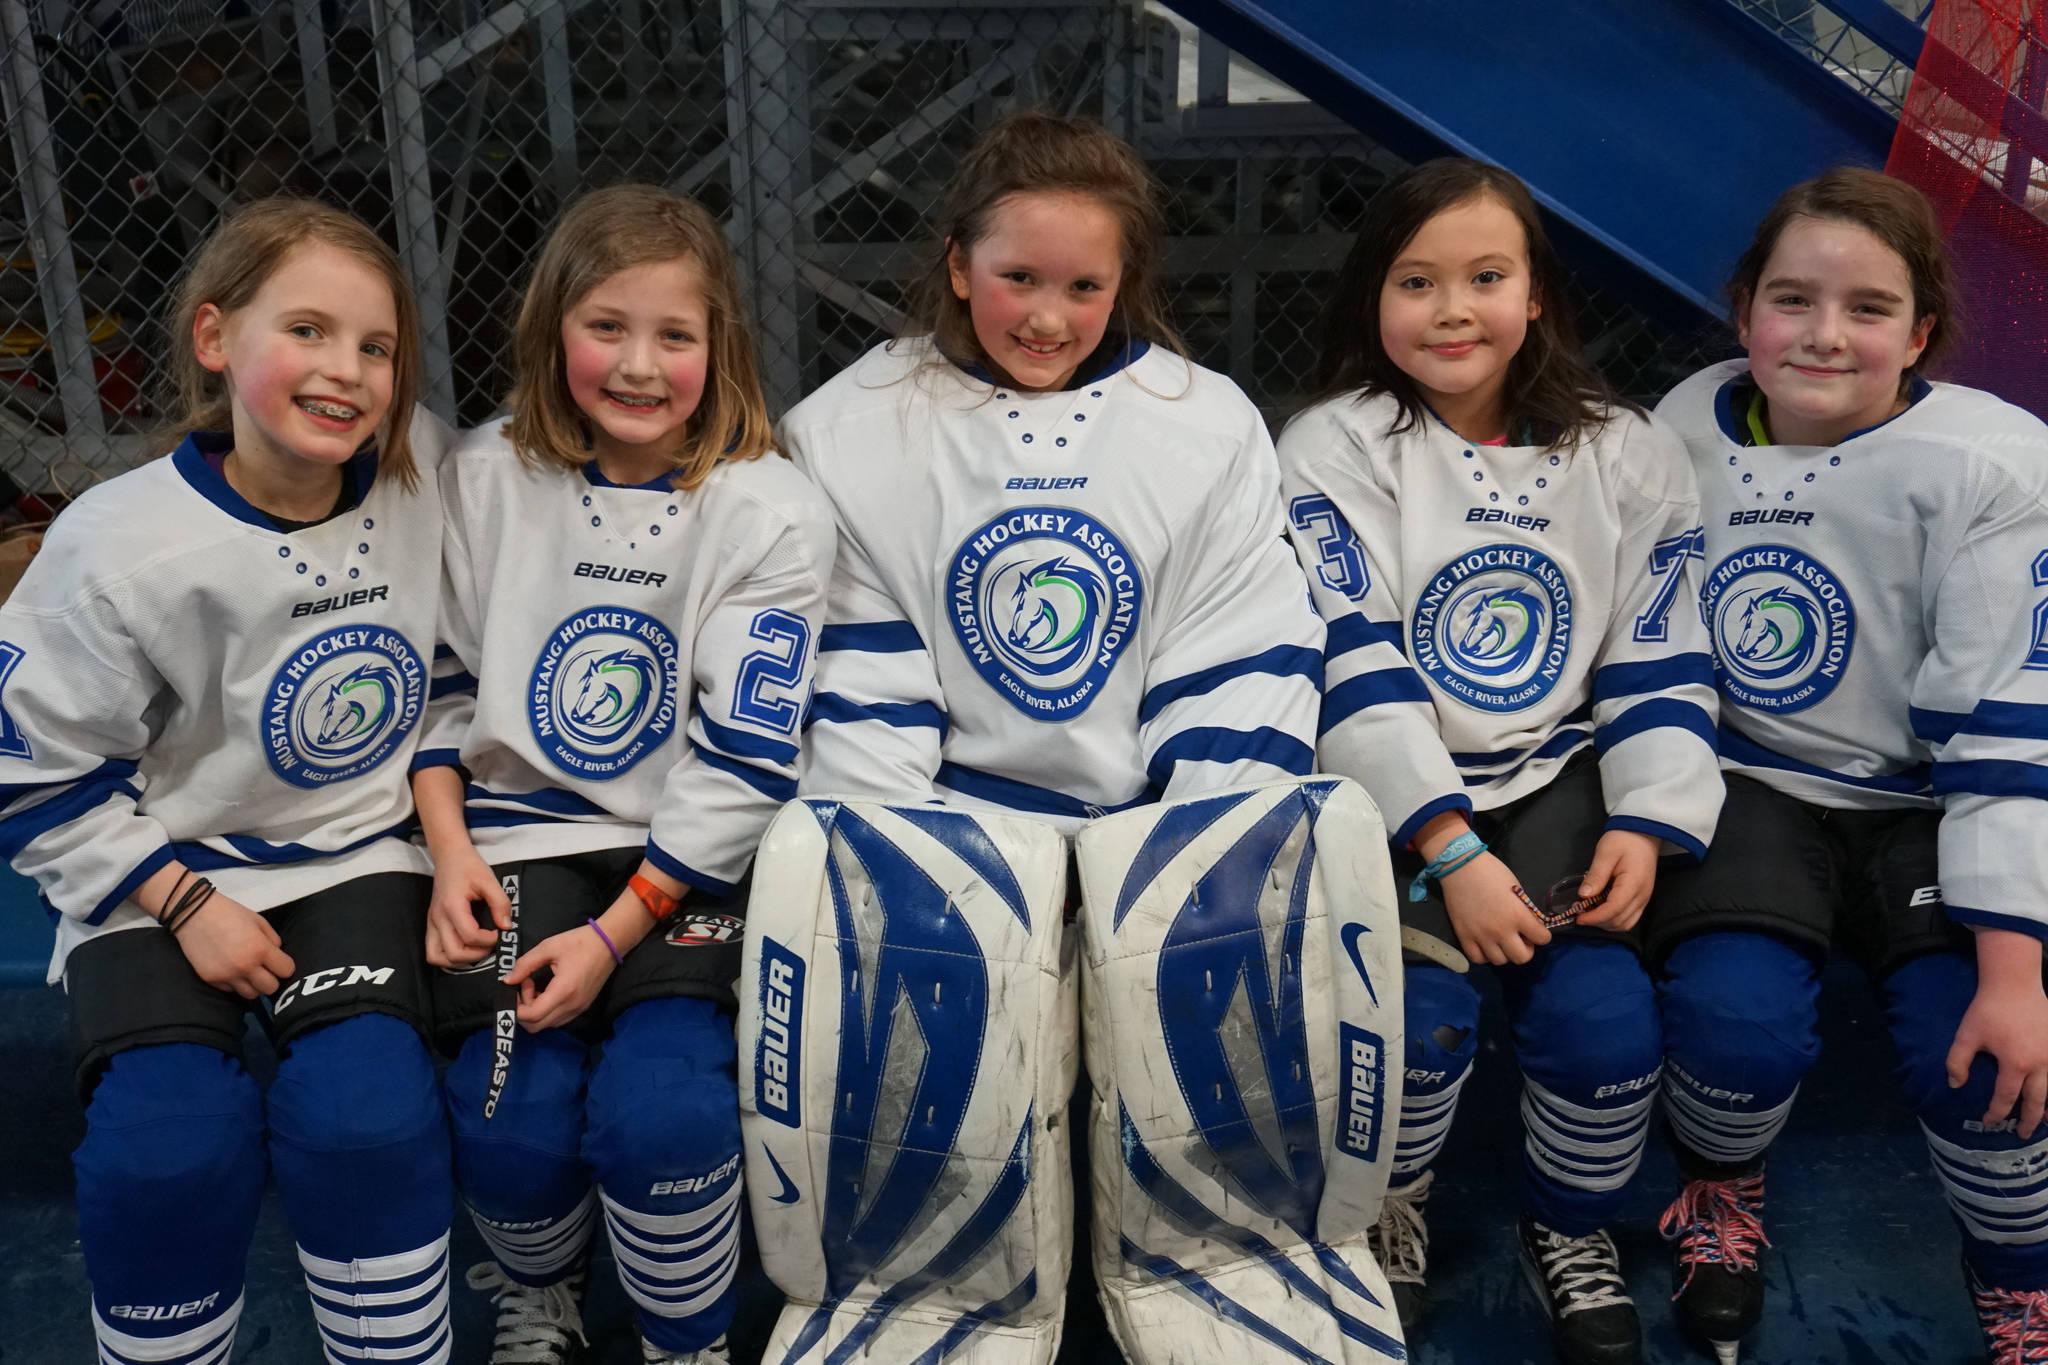 Mha Seeks New Name Logo For Girls Hockey Program The